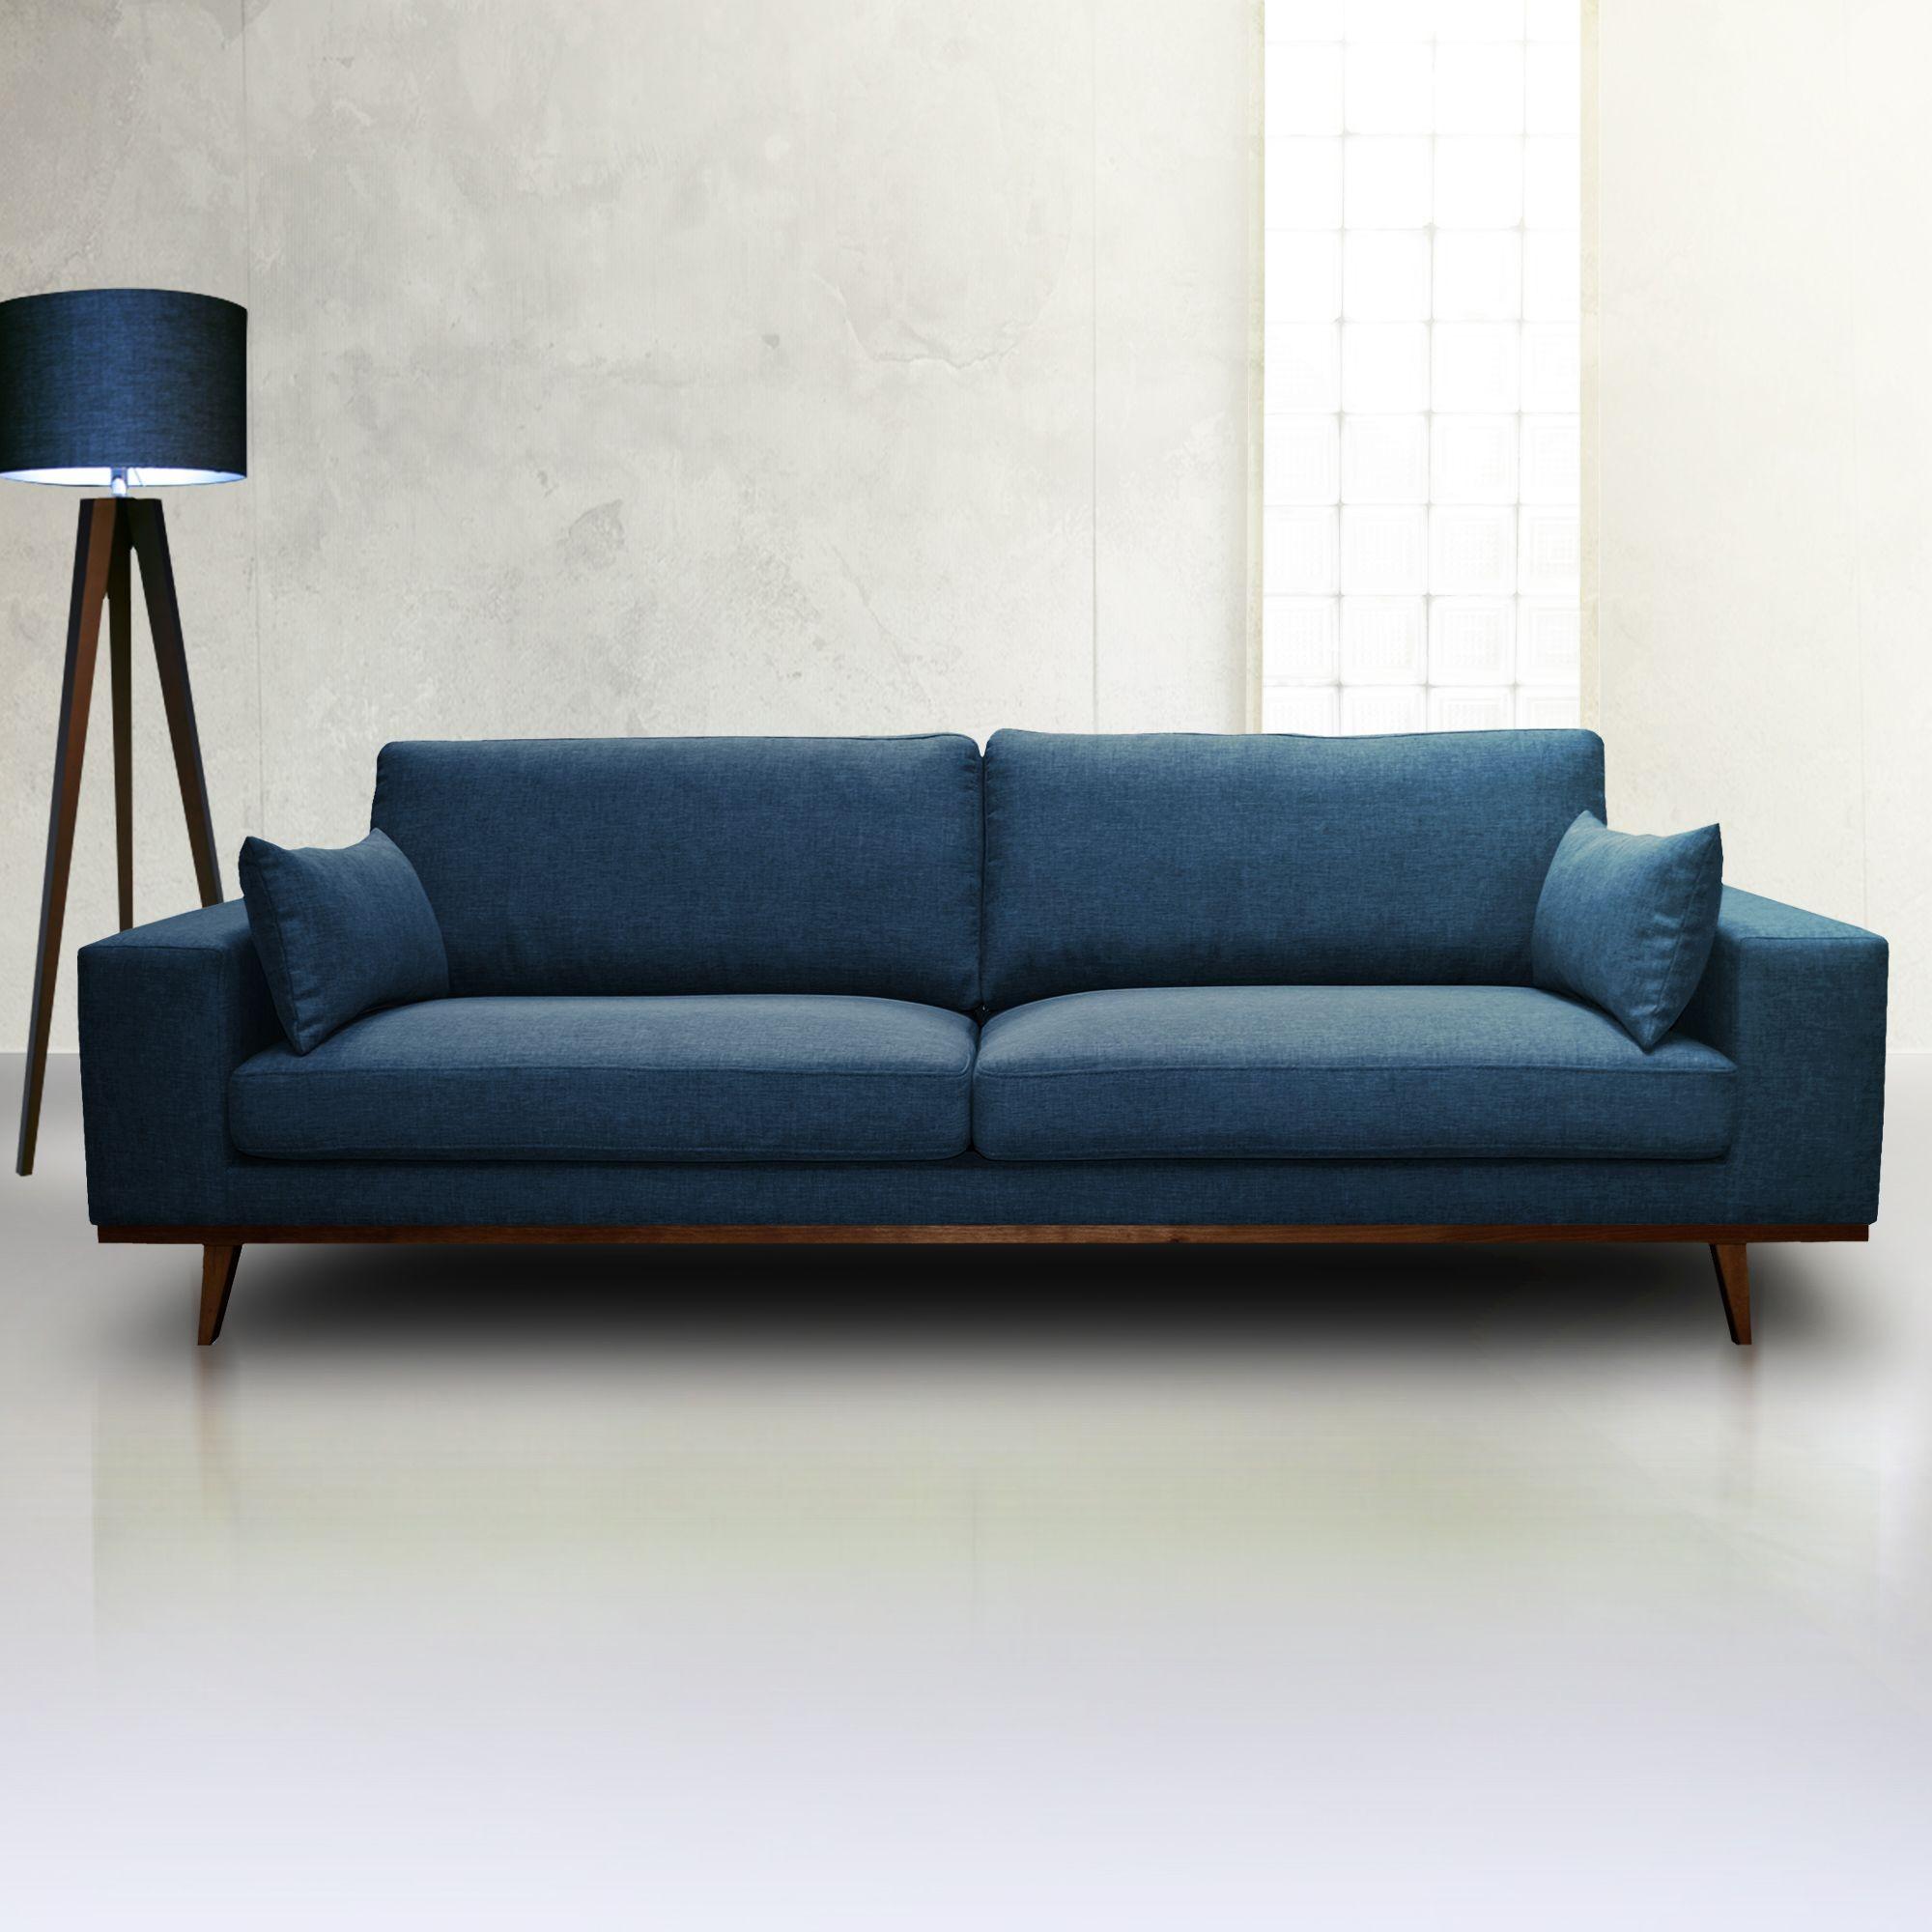 Canapé Angle Cuir Ikea Élégant Galerie Lit Armoire Canapé Beautiful Canap En U Convertible 12 Full Canape D